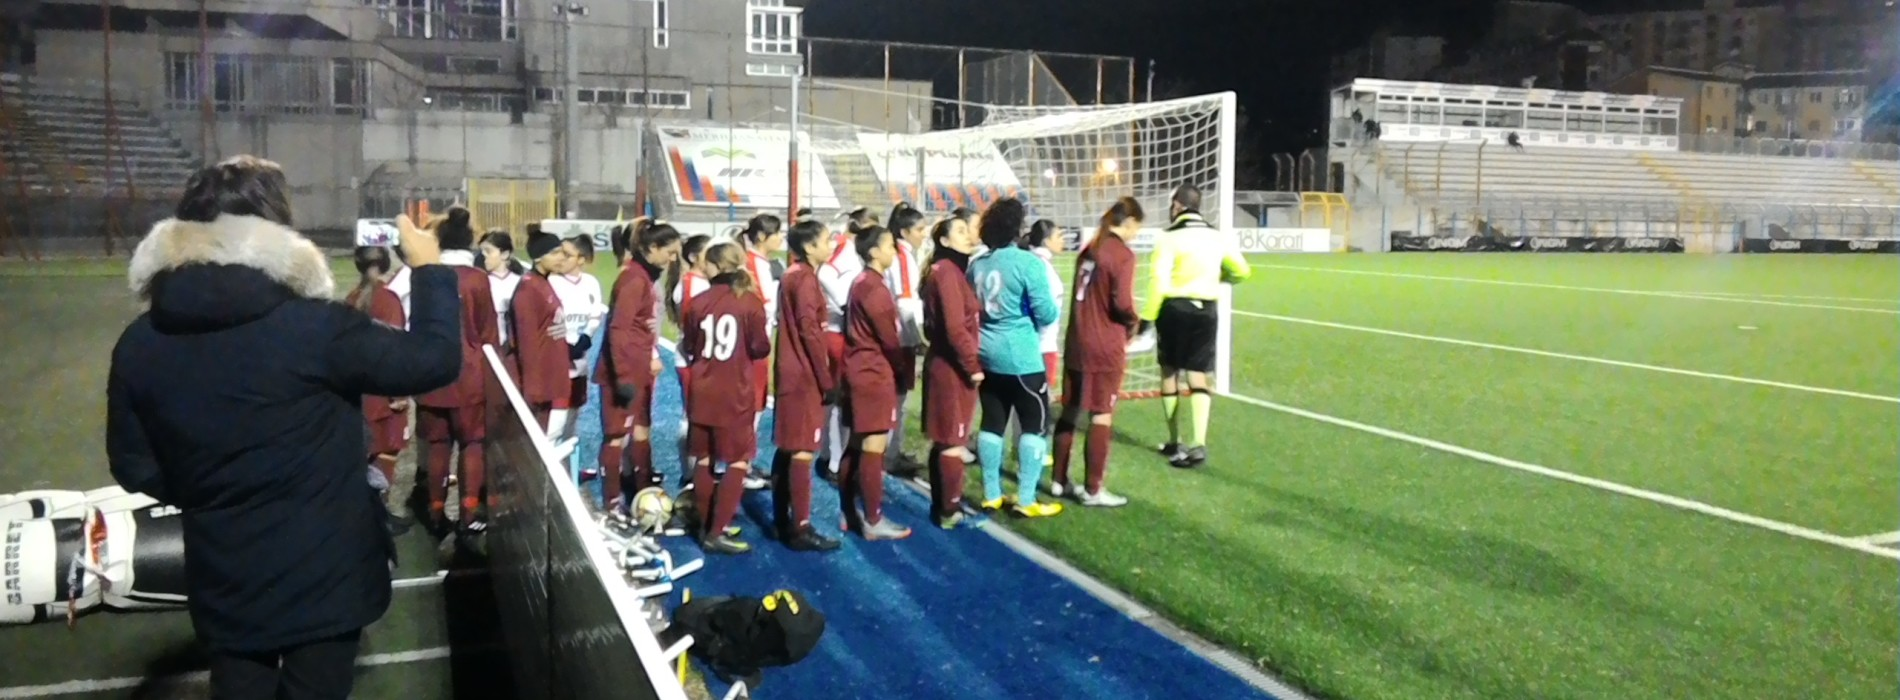 Calcio Femminile: il Potenza Calcio trionfa nella Coppa Italia Regionale